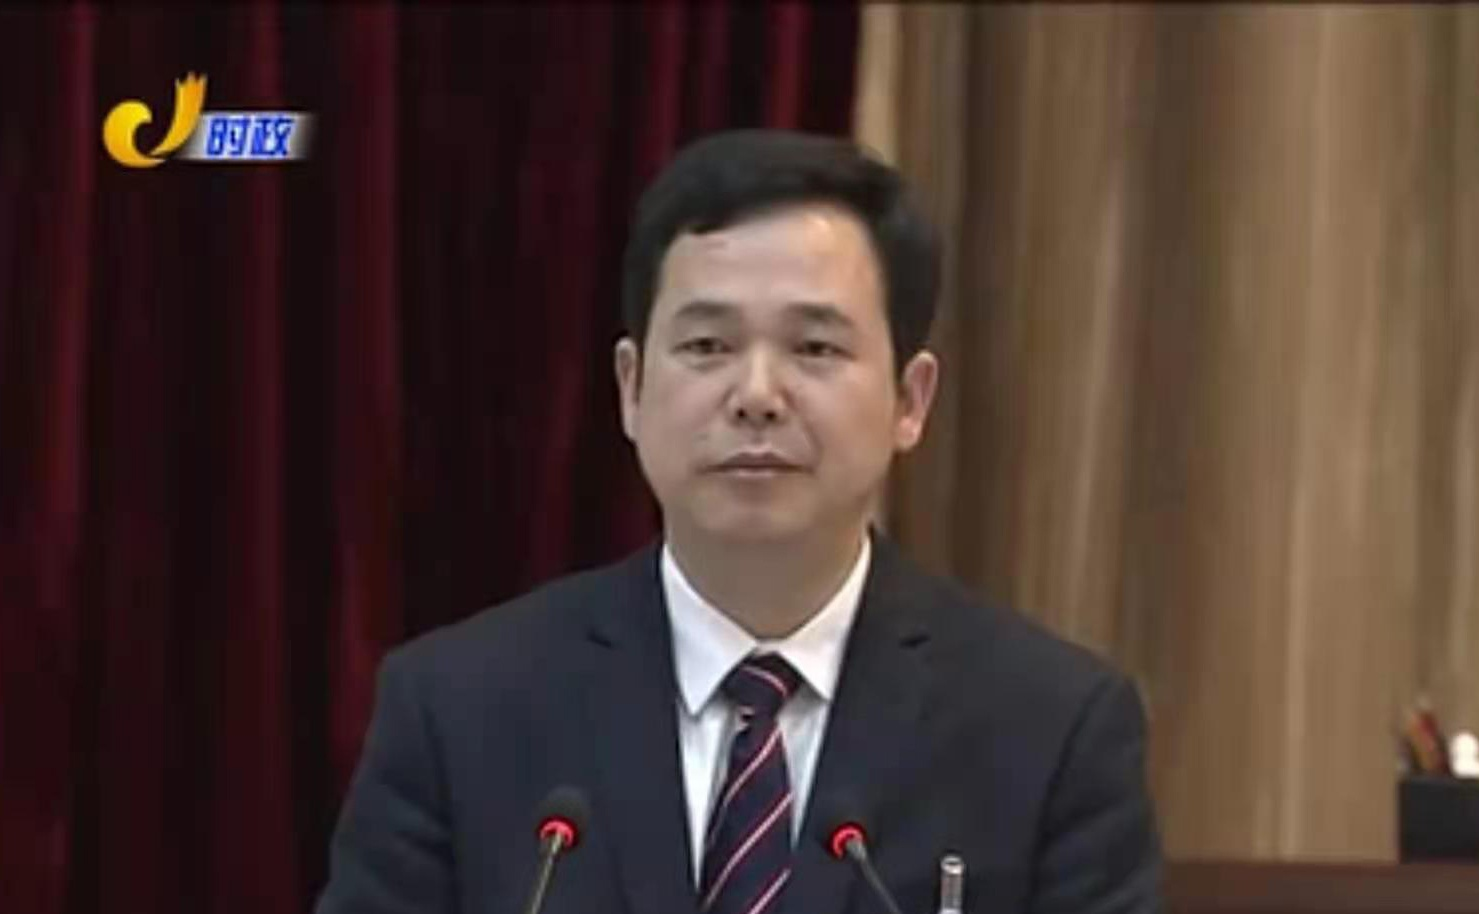 中国检察网披露:湖南常德发改委原主任刘凡荣被逮捕